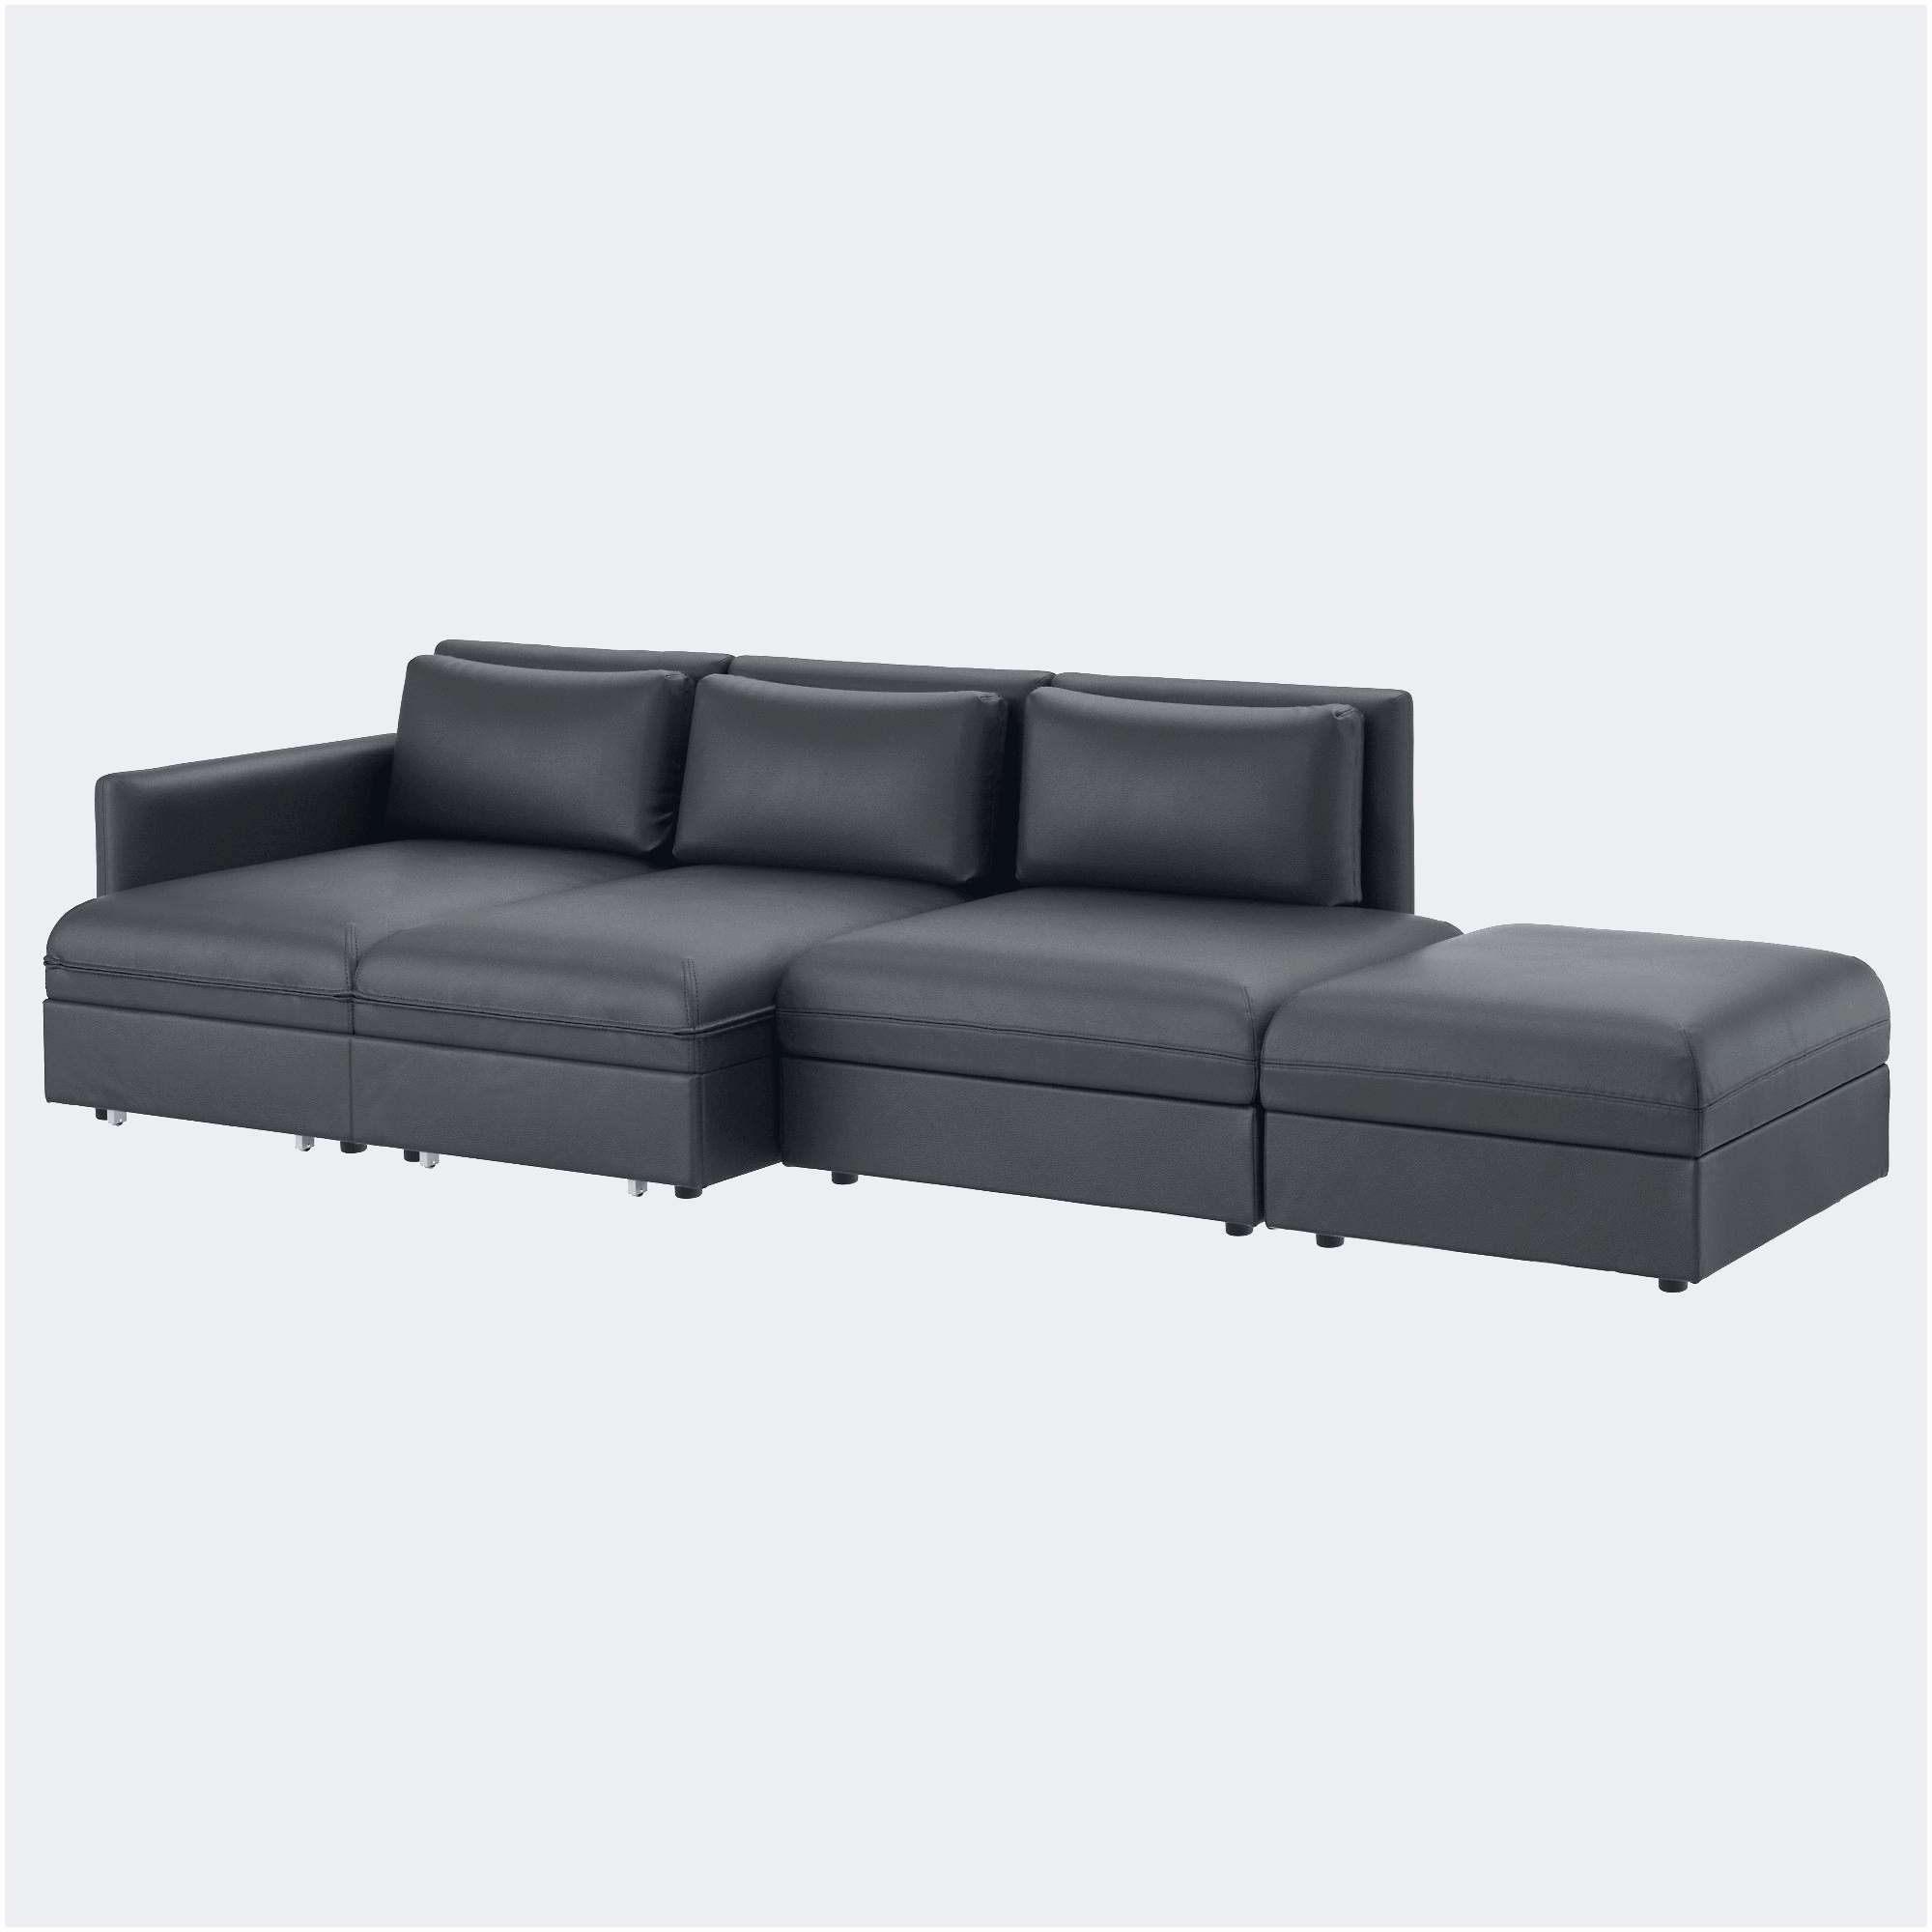 Canapé Lit Cuir Unique 60 Canapé Lit Gigogne Ikea Vue Jongor4hire